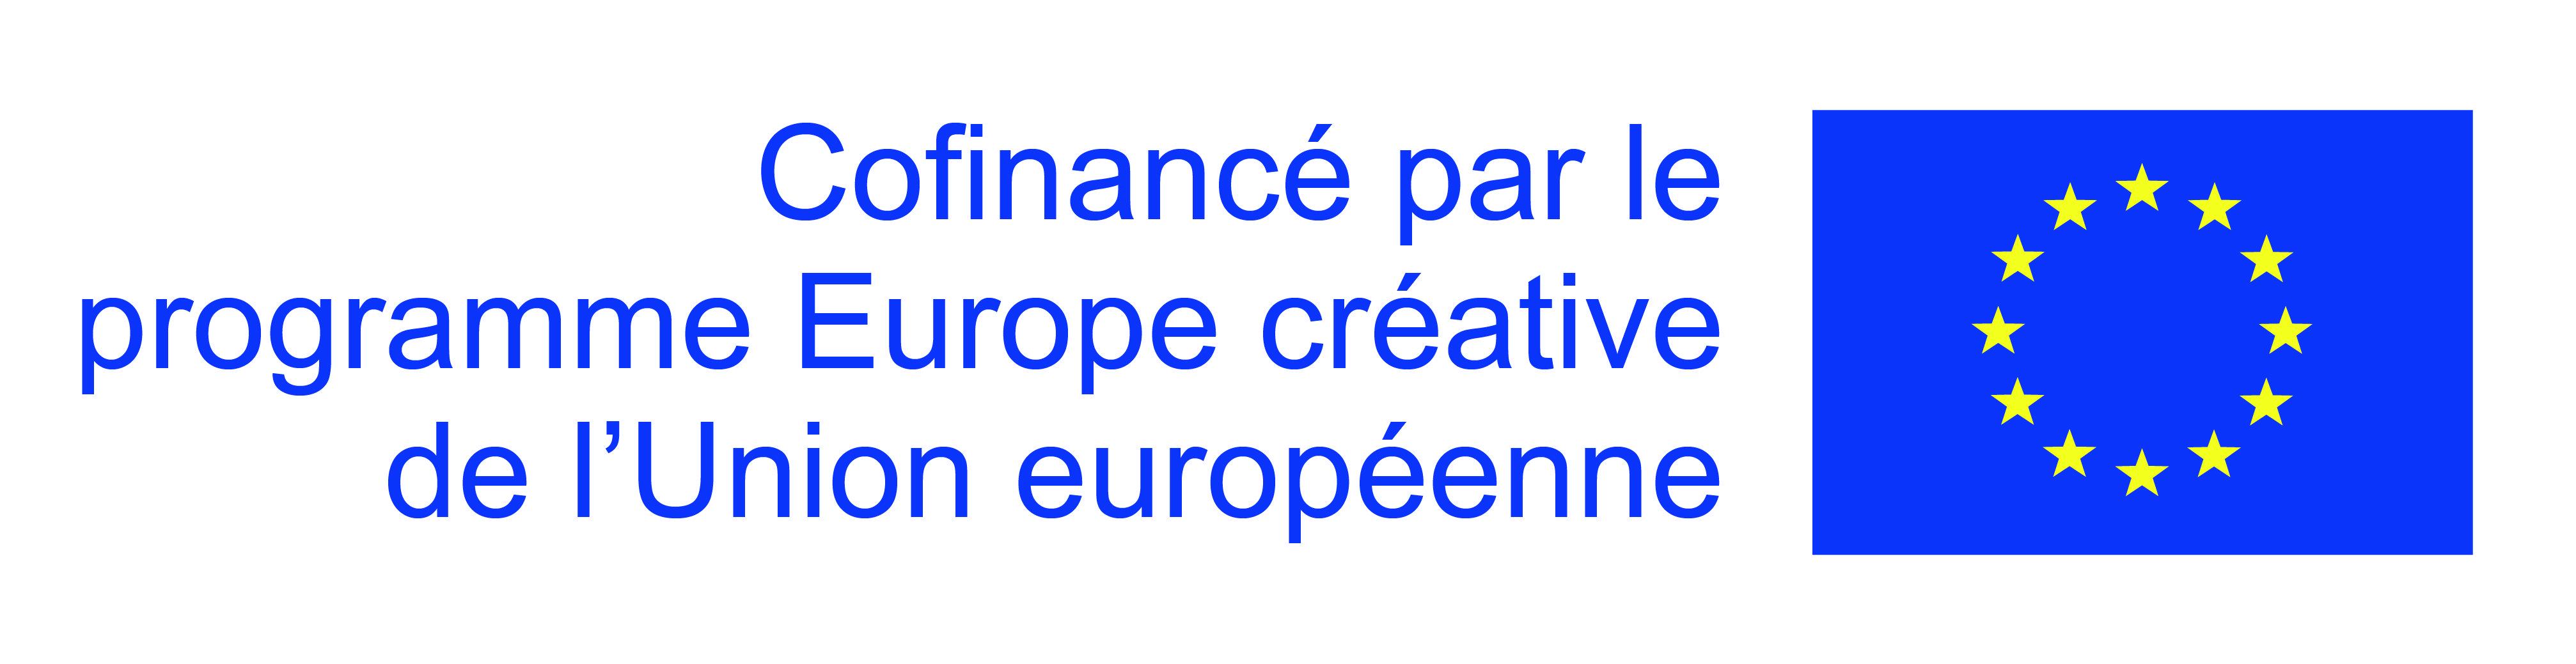 Cofinancé pal le programme Europe créative de l'Union européenne